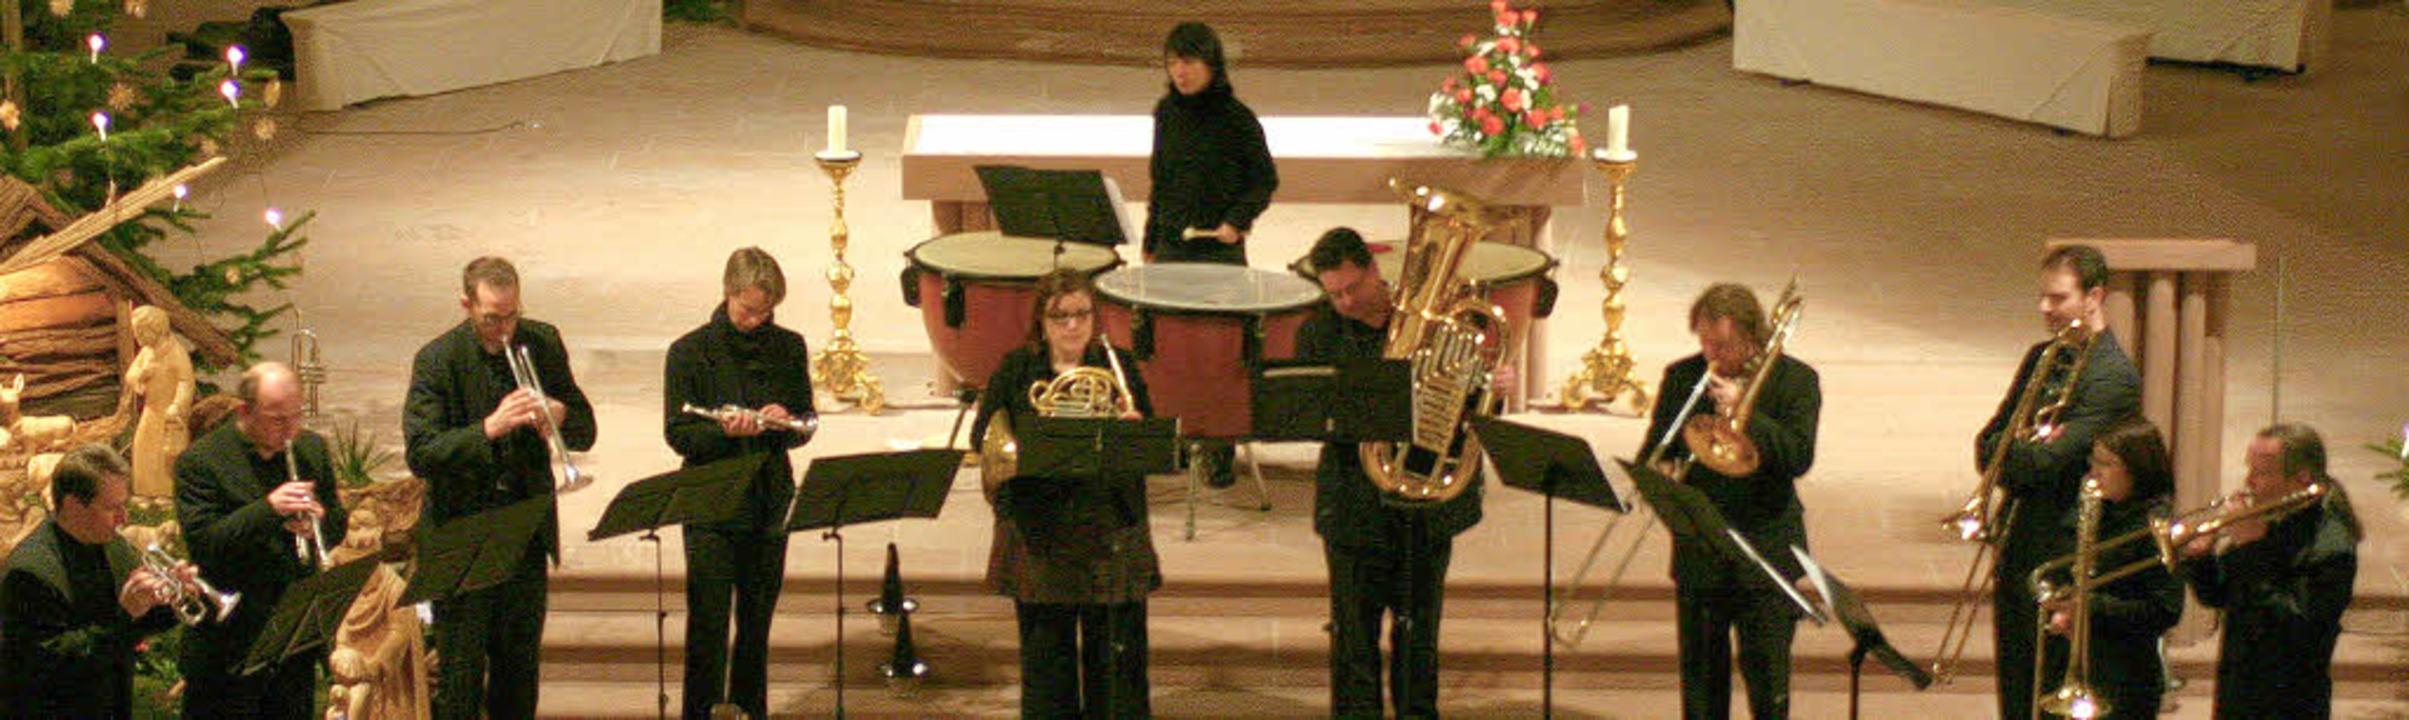 Senza Legno begeisterten am Sonntag Ab... Zuhörer in der Endinger Peterskirche.    Foto: David Seitz